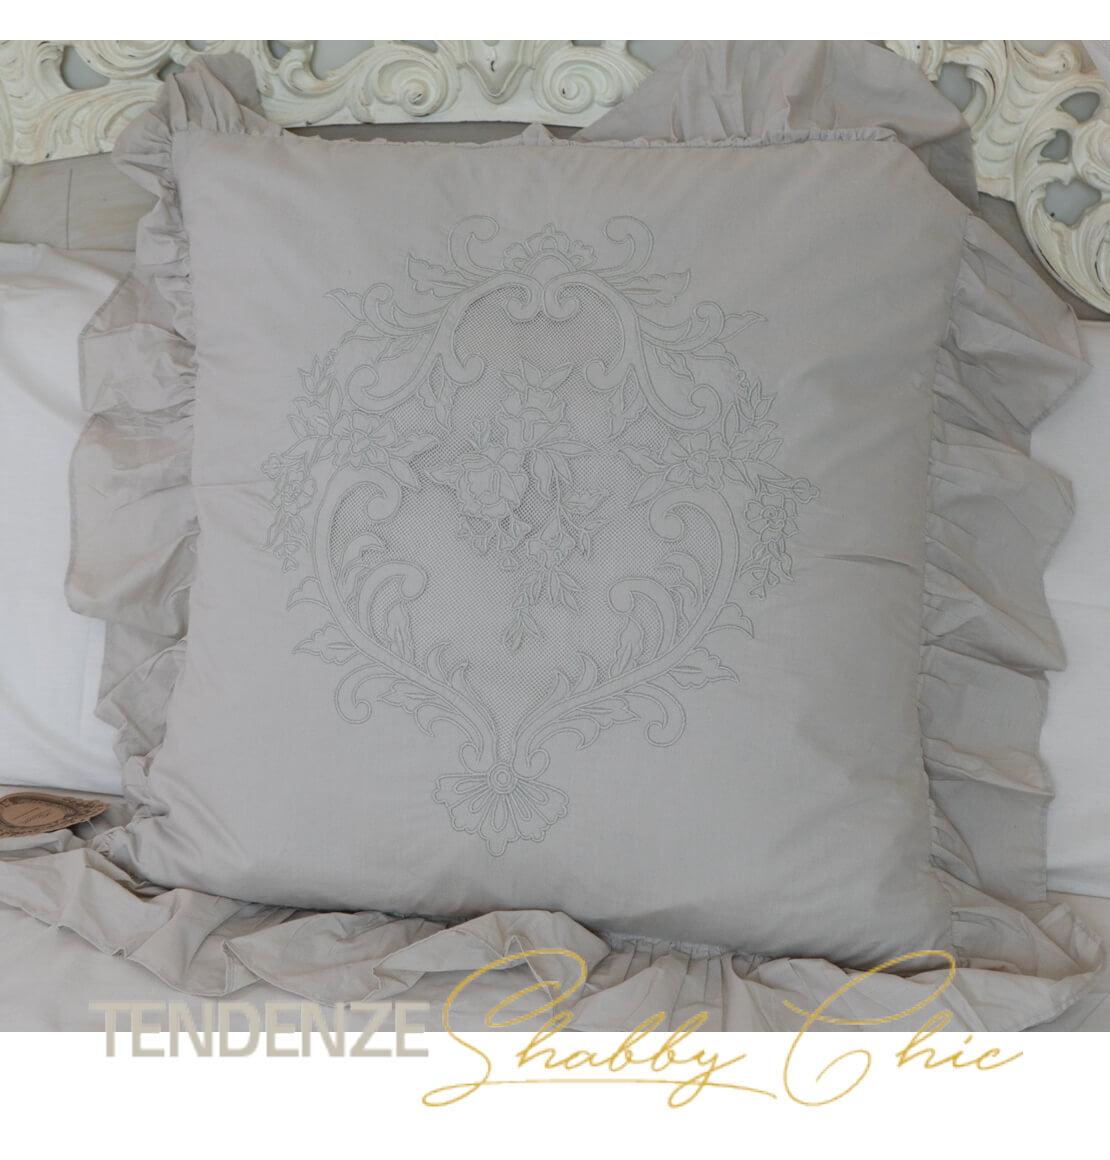 sedie in legno color avorio originali blanc mariclo' shabby style con schienale e seduta in paglia di vienna. Cuscino Beige Con Gale 60 Cm Tendenze Shabby Chic